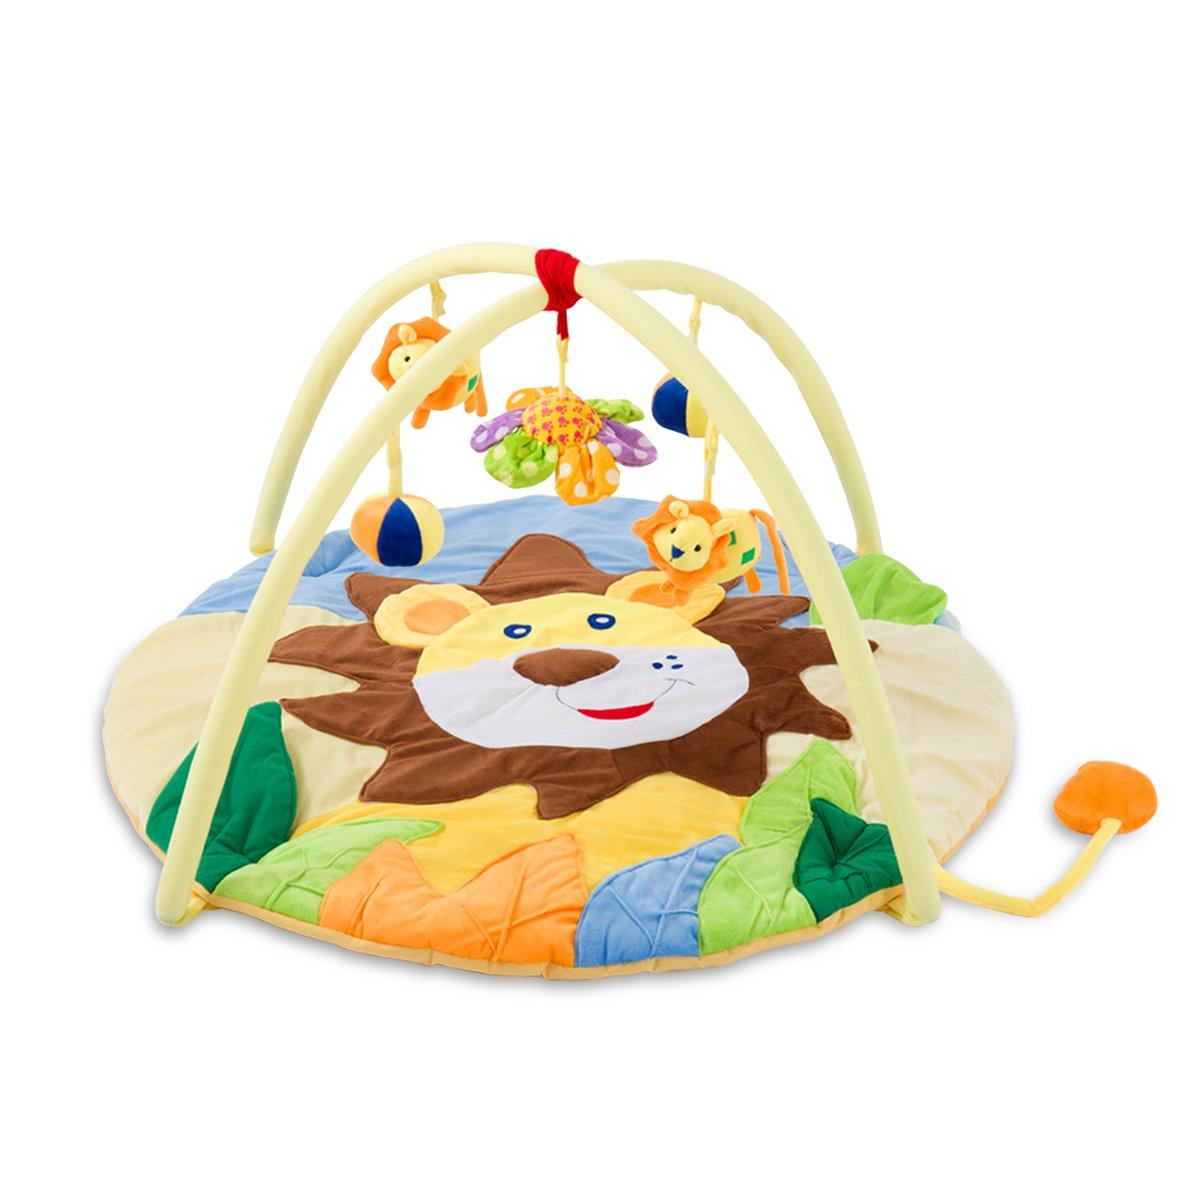 SONARIN Lindo León Alfombras de juego Gimnasio de Actividades Baby Play Mat & Activity Gym Colorido e interactivo, Ideal Regalo(Amarillo)